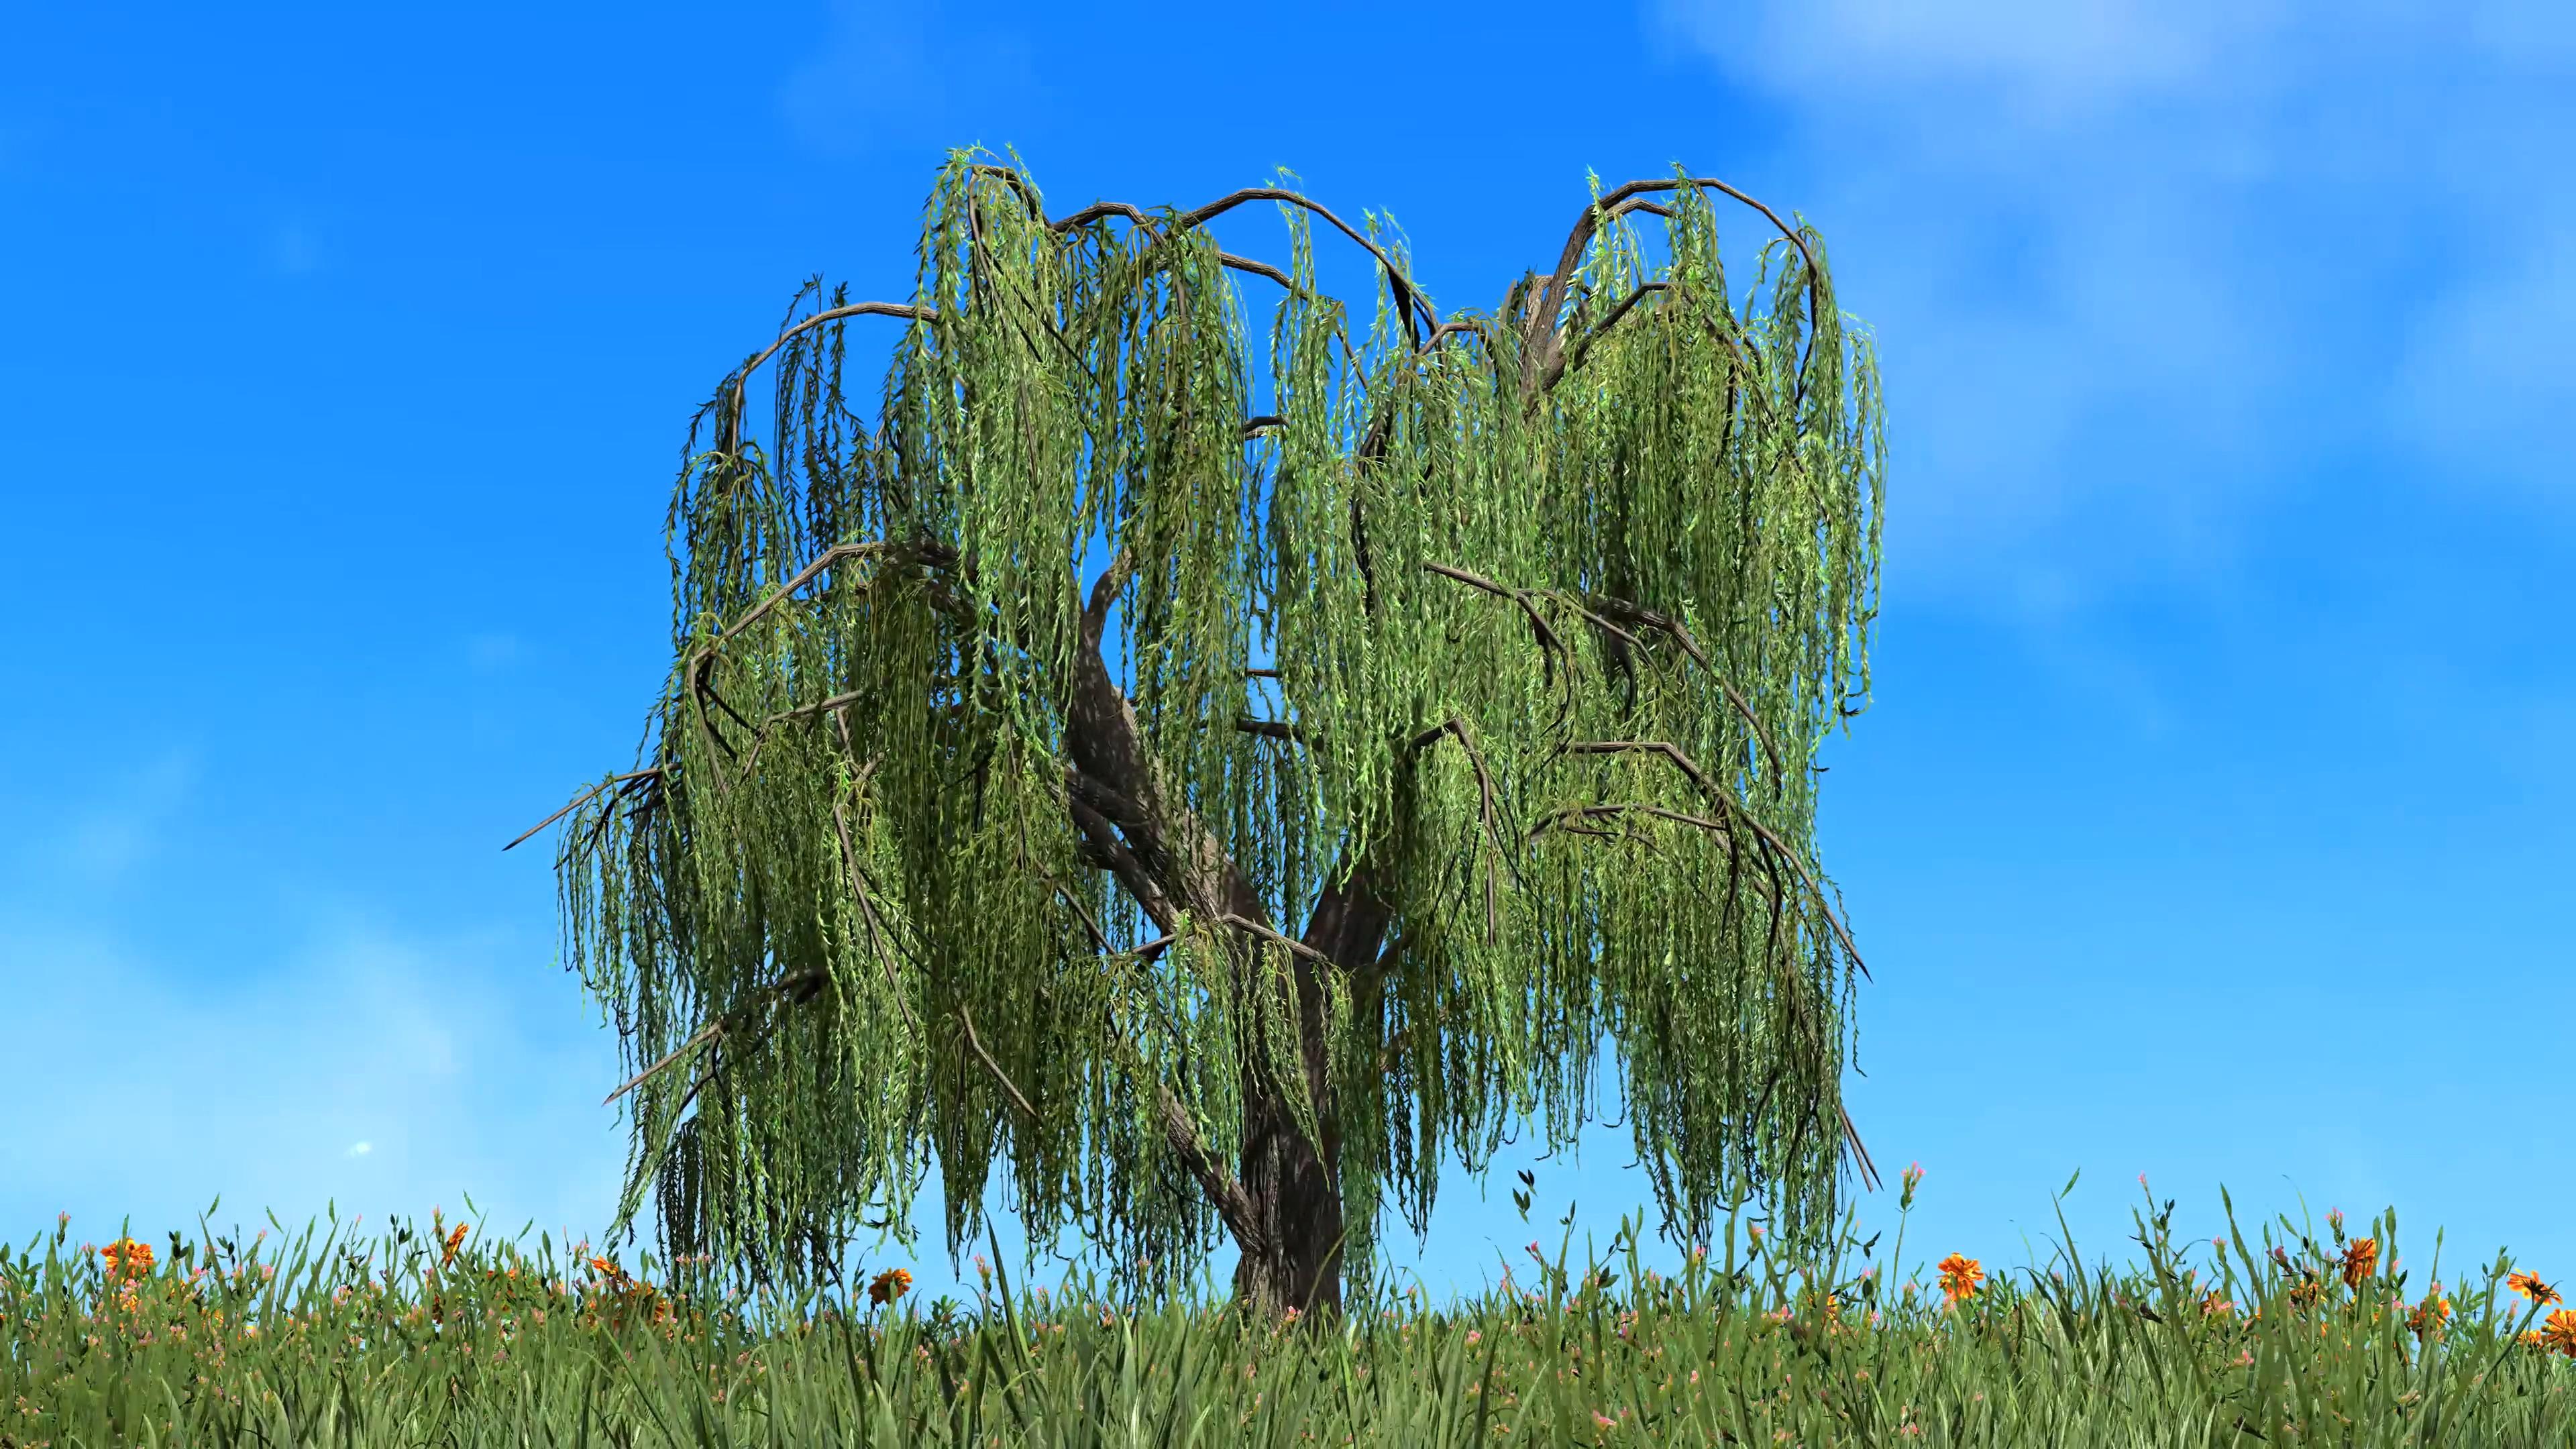 蓝天白云草地中的柳树